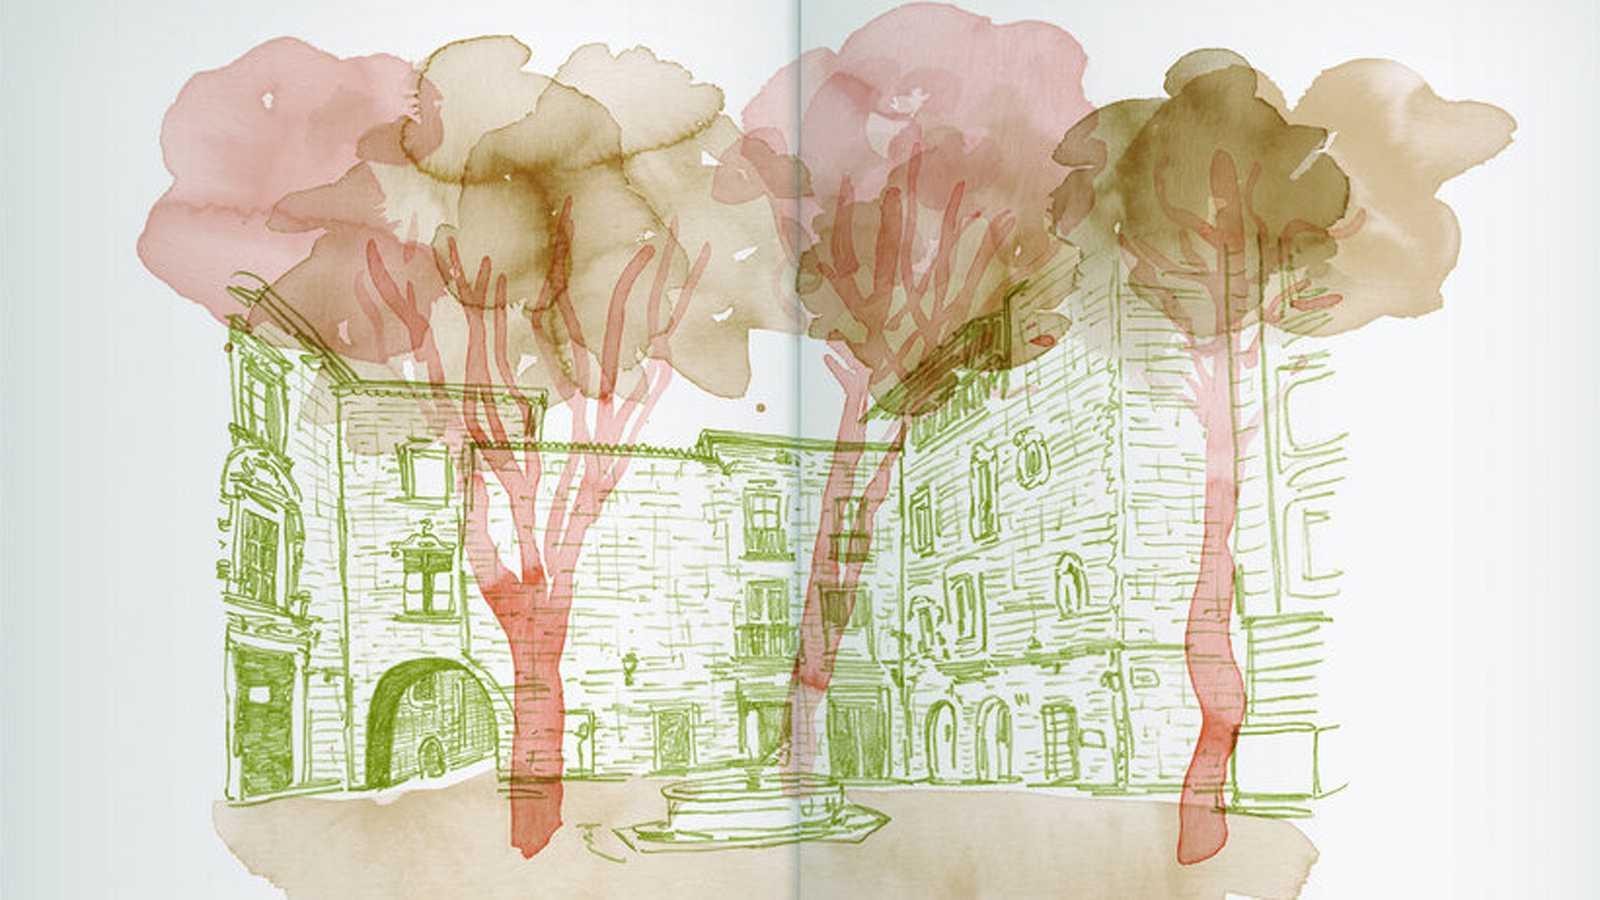 Artesfera - 'Barcelona', nuevo libro de viaje ilustrado y cuaderno de notas de Tintablanca - 07/09/20 - escuchar ahora